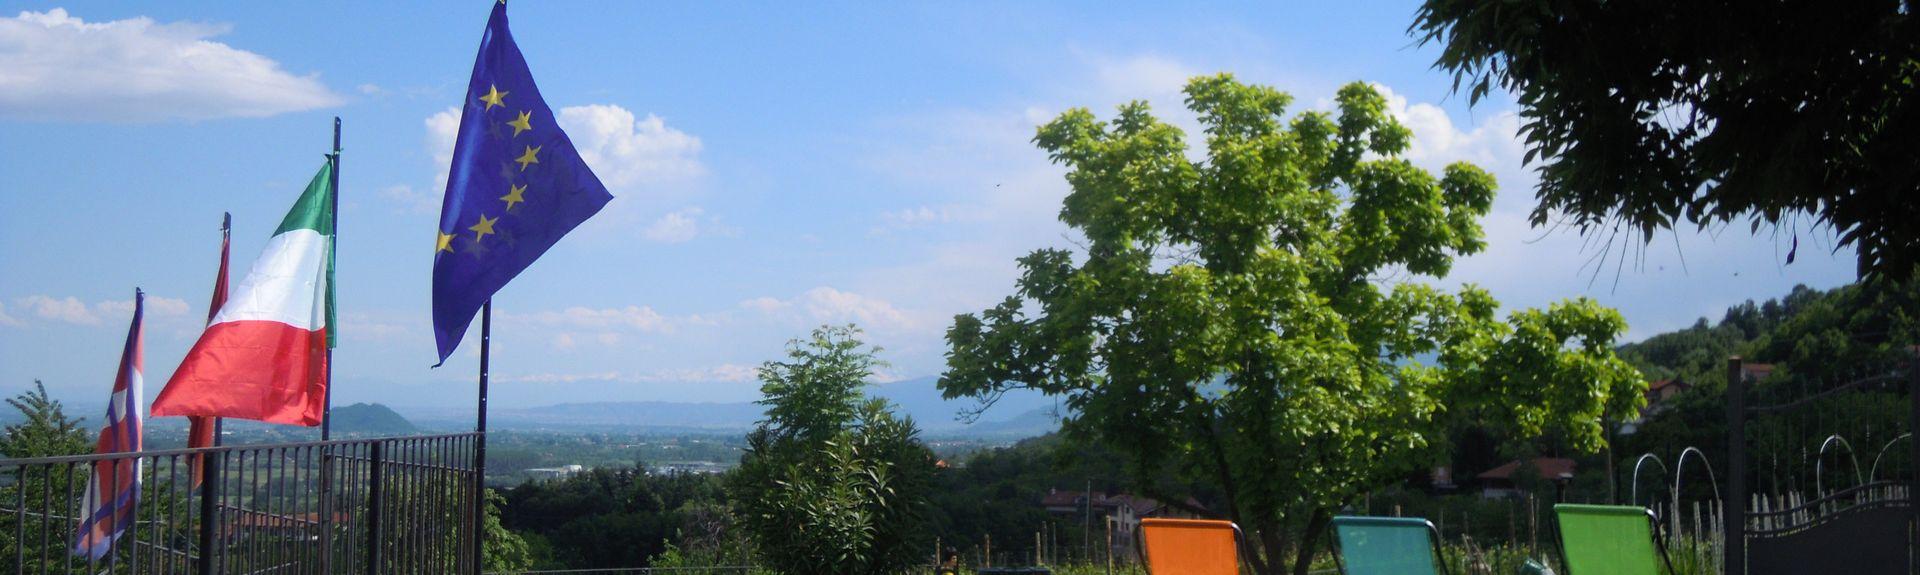 Piscina, Piedmont, Italia